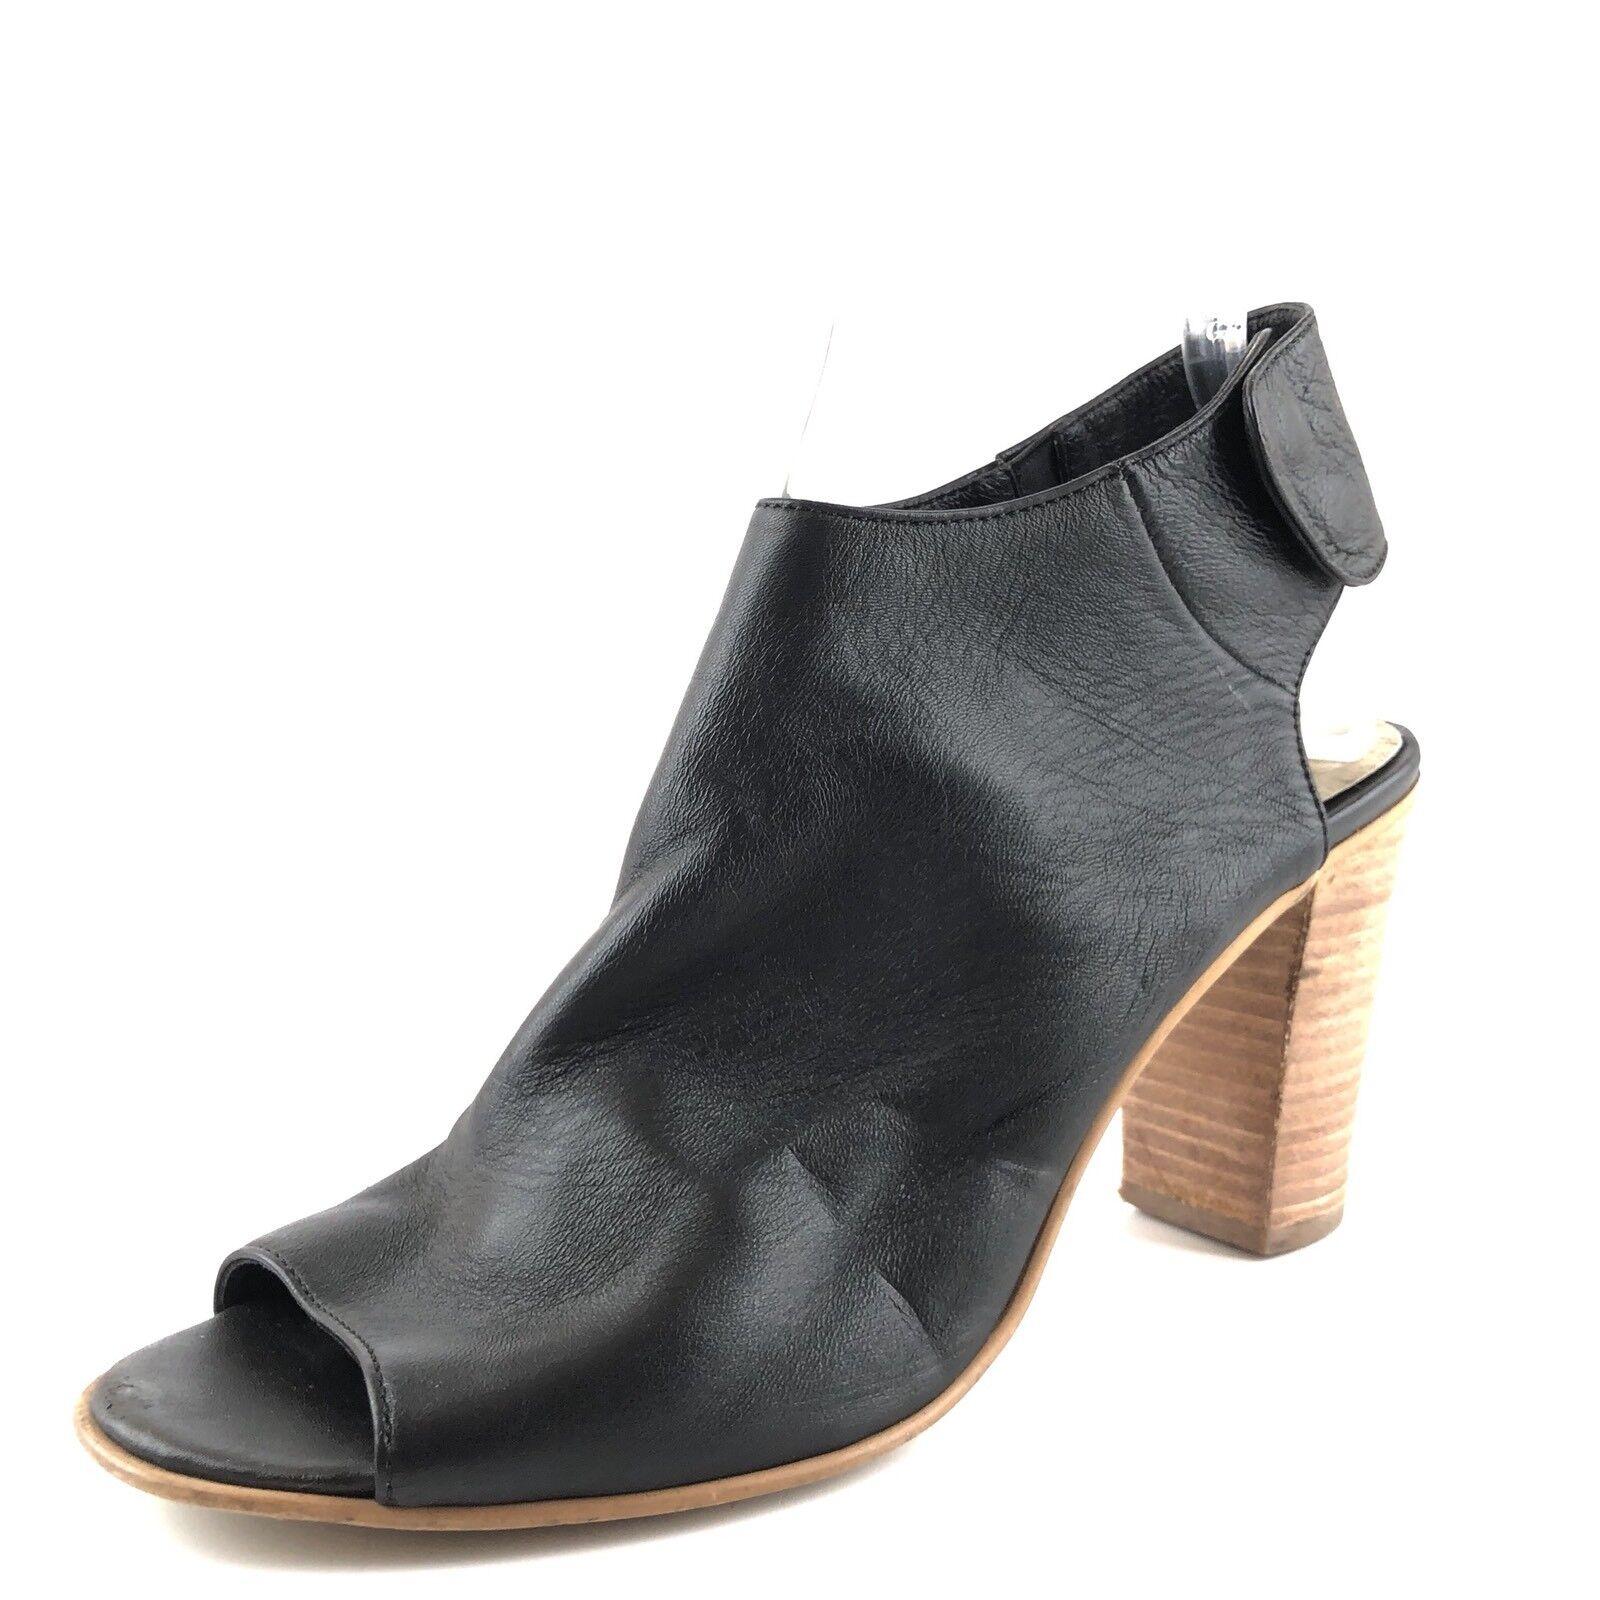 fino al 60% di sconto Steve Madden Nonstp Nonstp Nonstp nero Leather Slingback Ankle stivali donna's Dimensione 10  miglior servizio